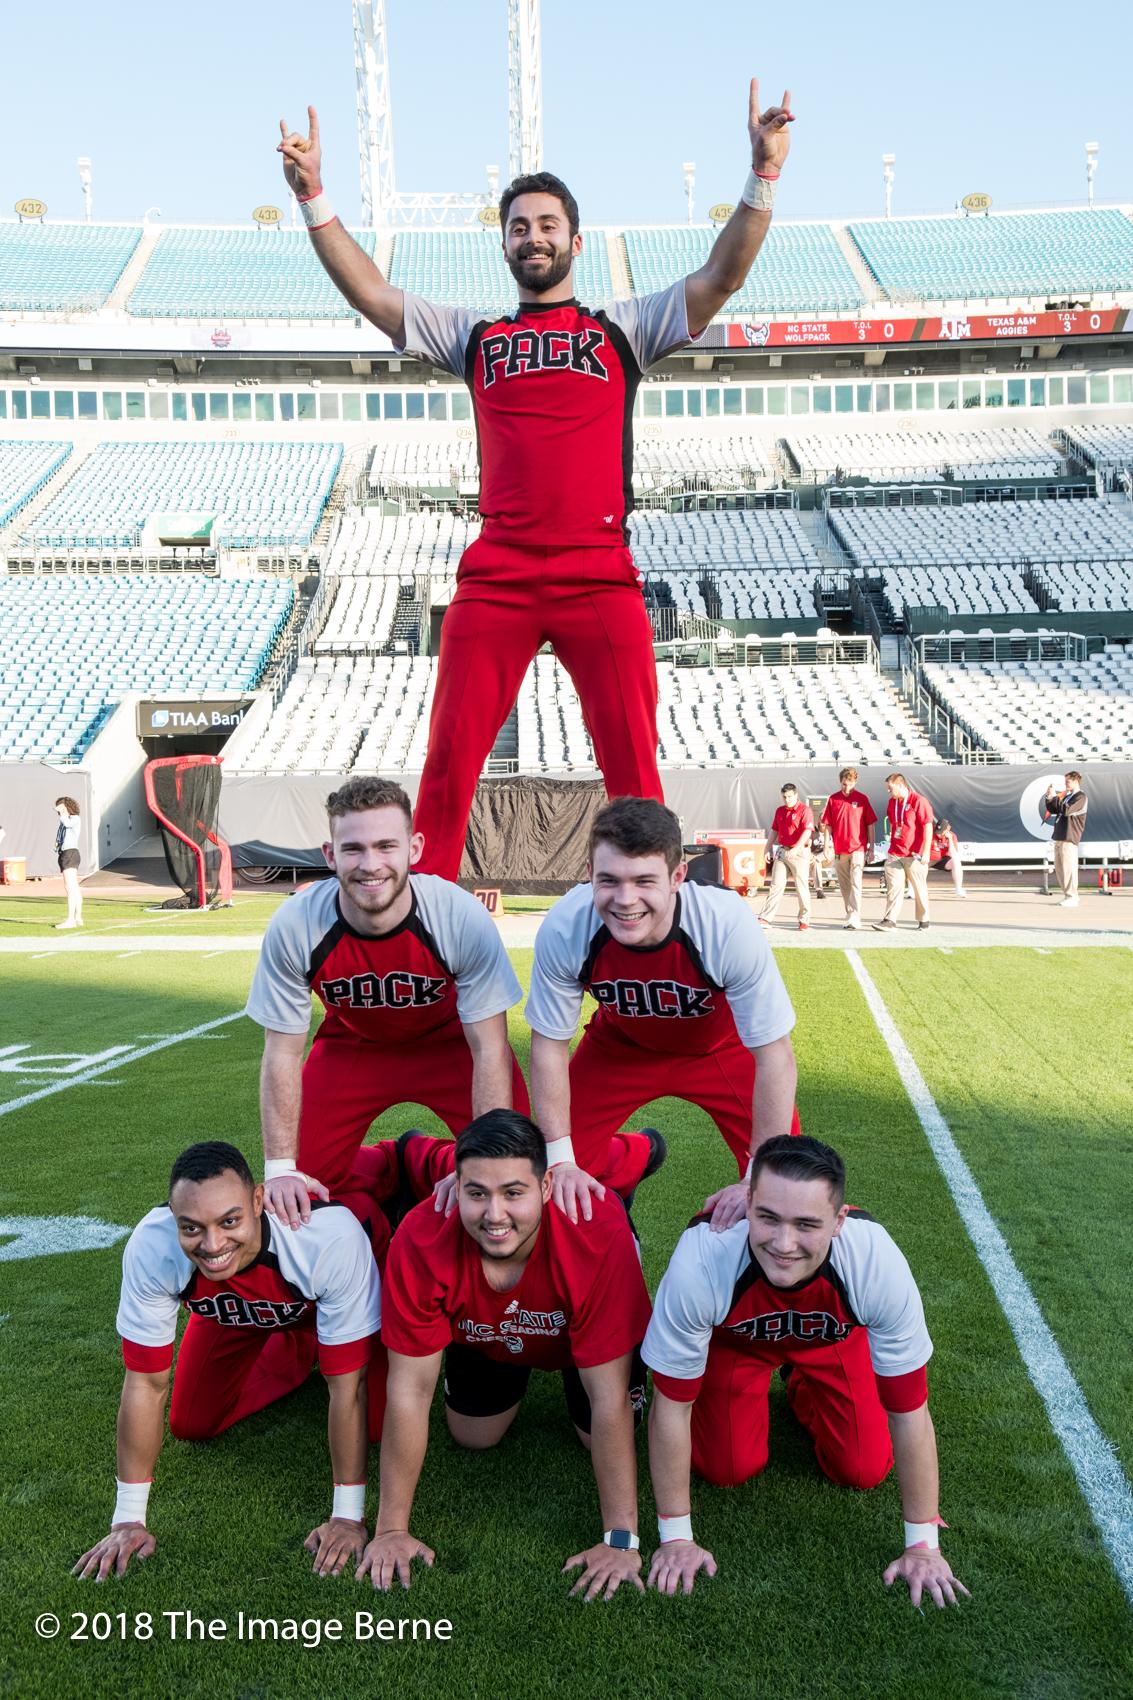 Cheerleaders-021.jpg